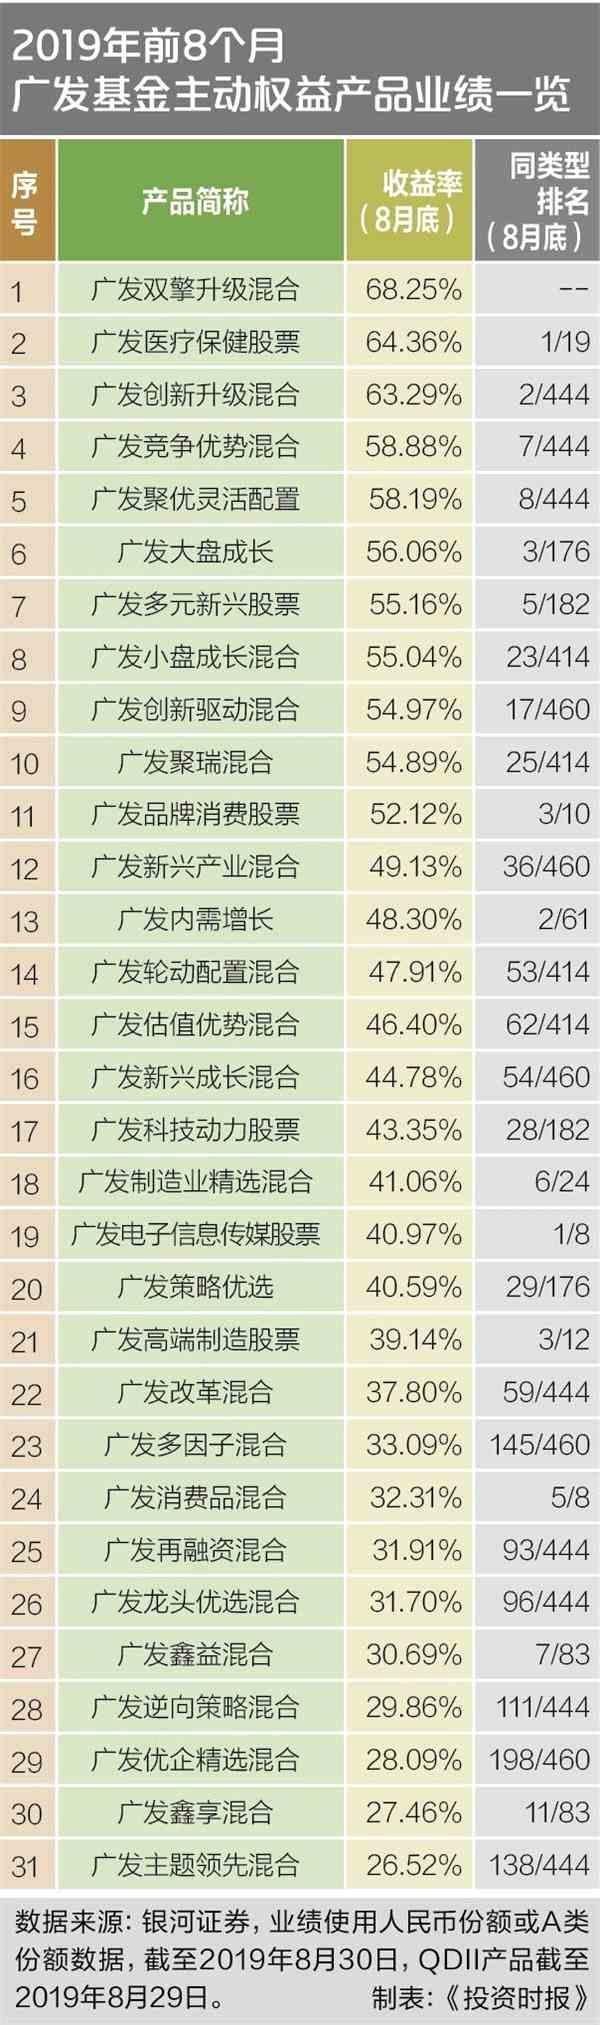 广发基金33只产品跻身同类前10 冠军基金经理选股思路揭秘